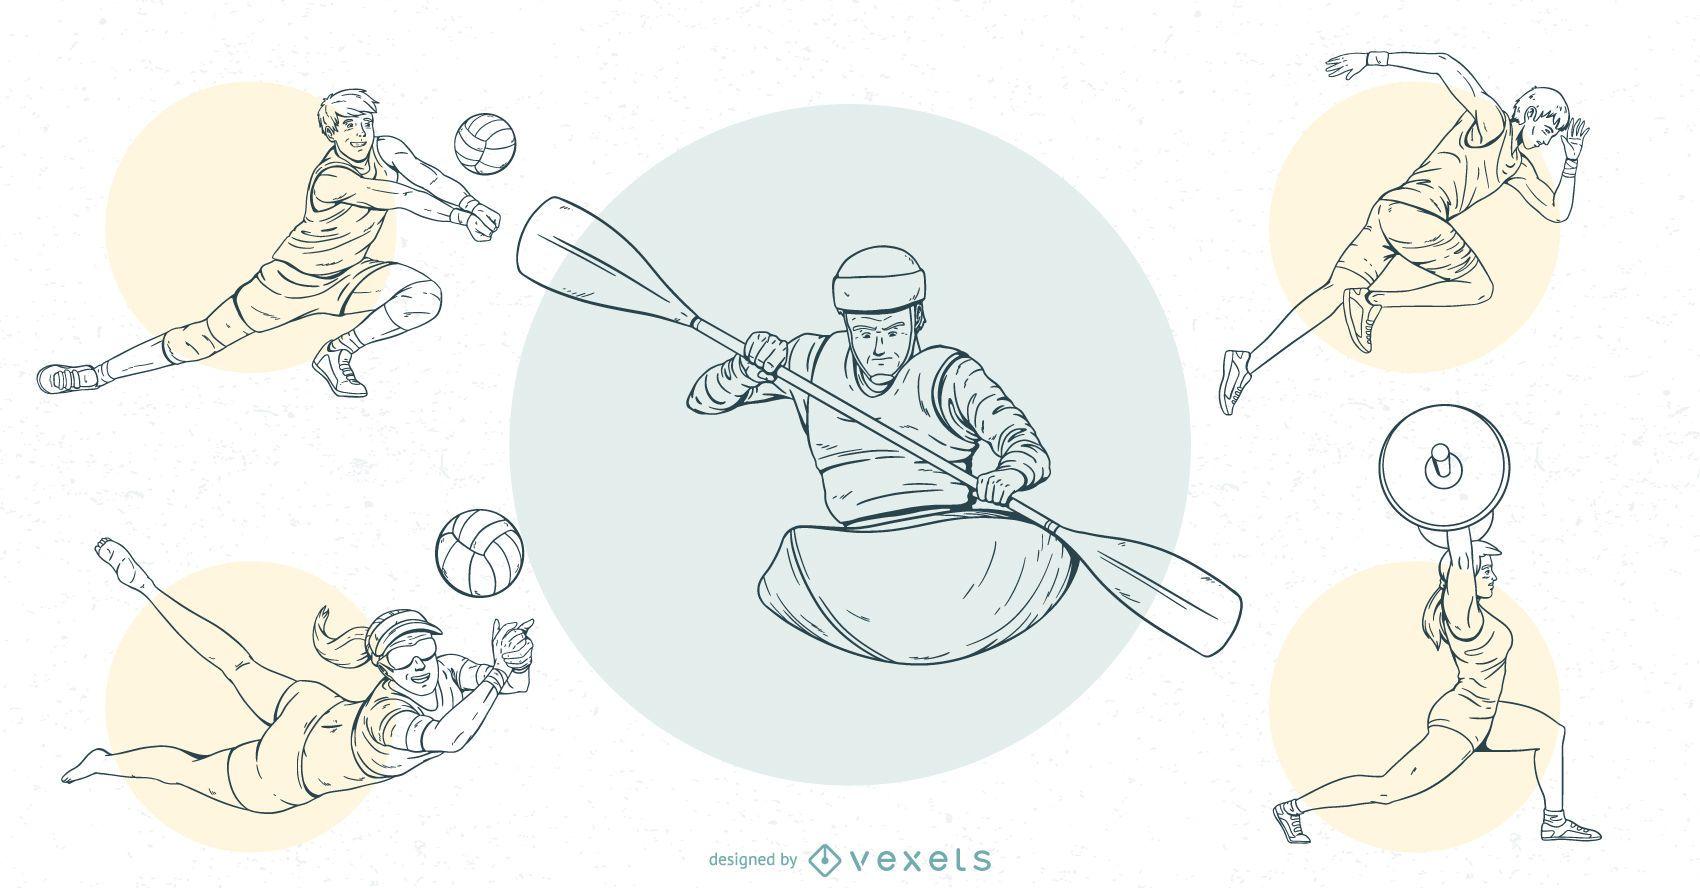 Conjunto de diseño de trazo de personas de deportes olímpicos